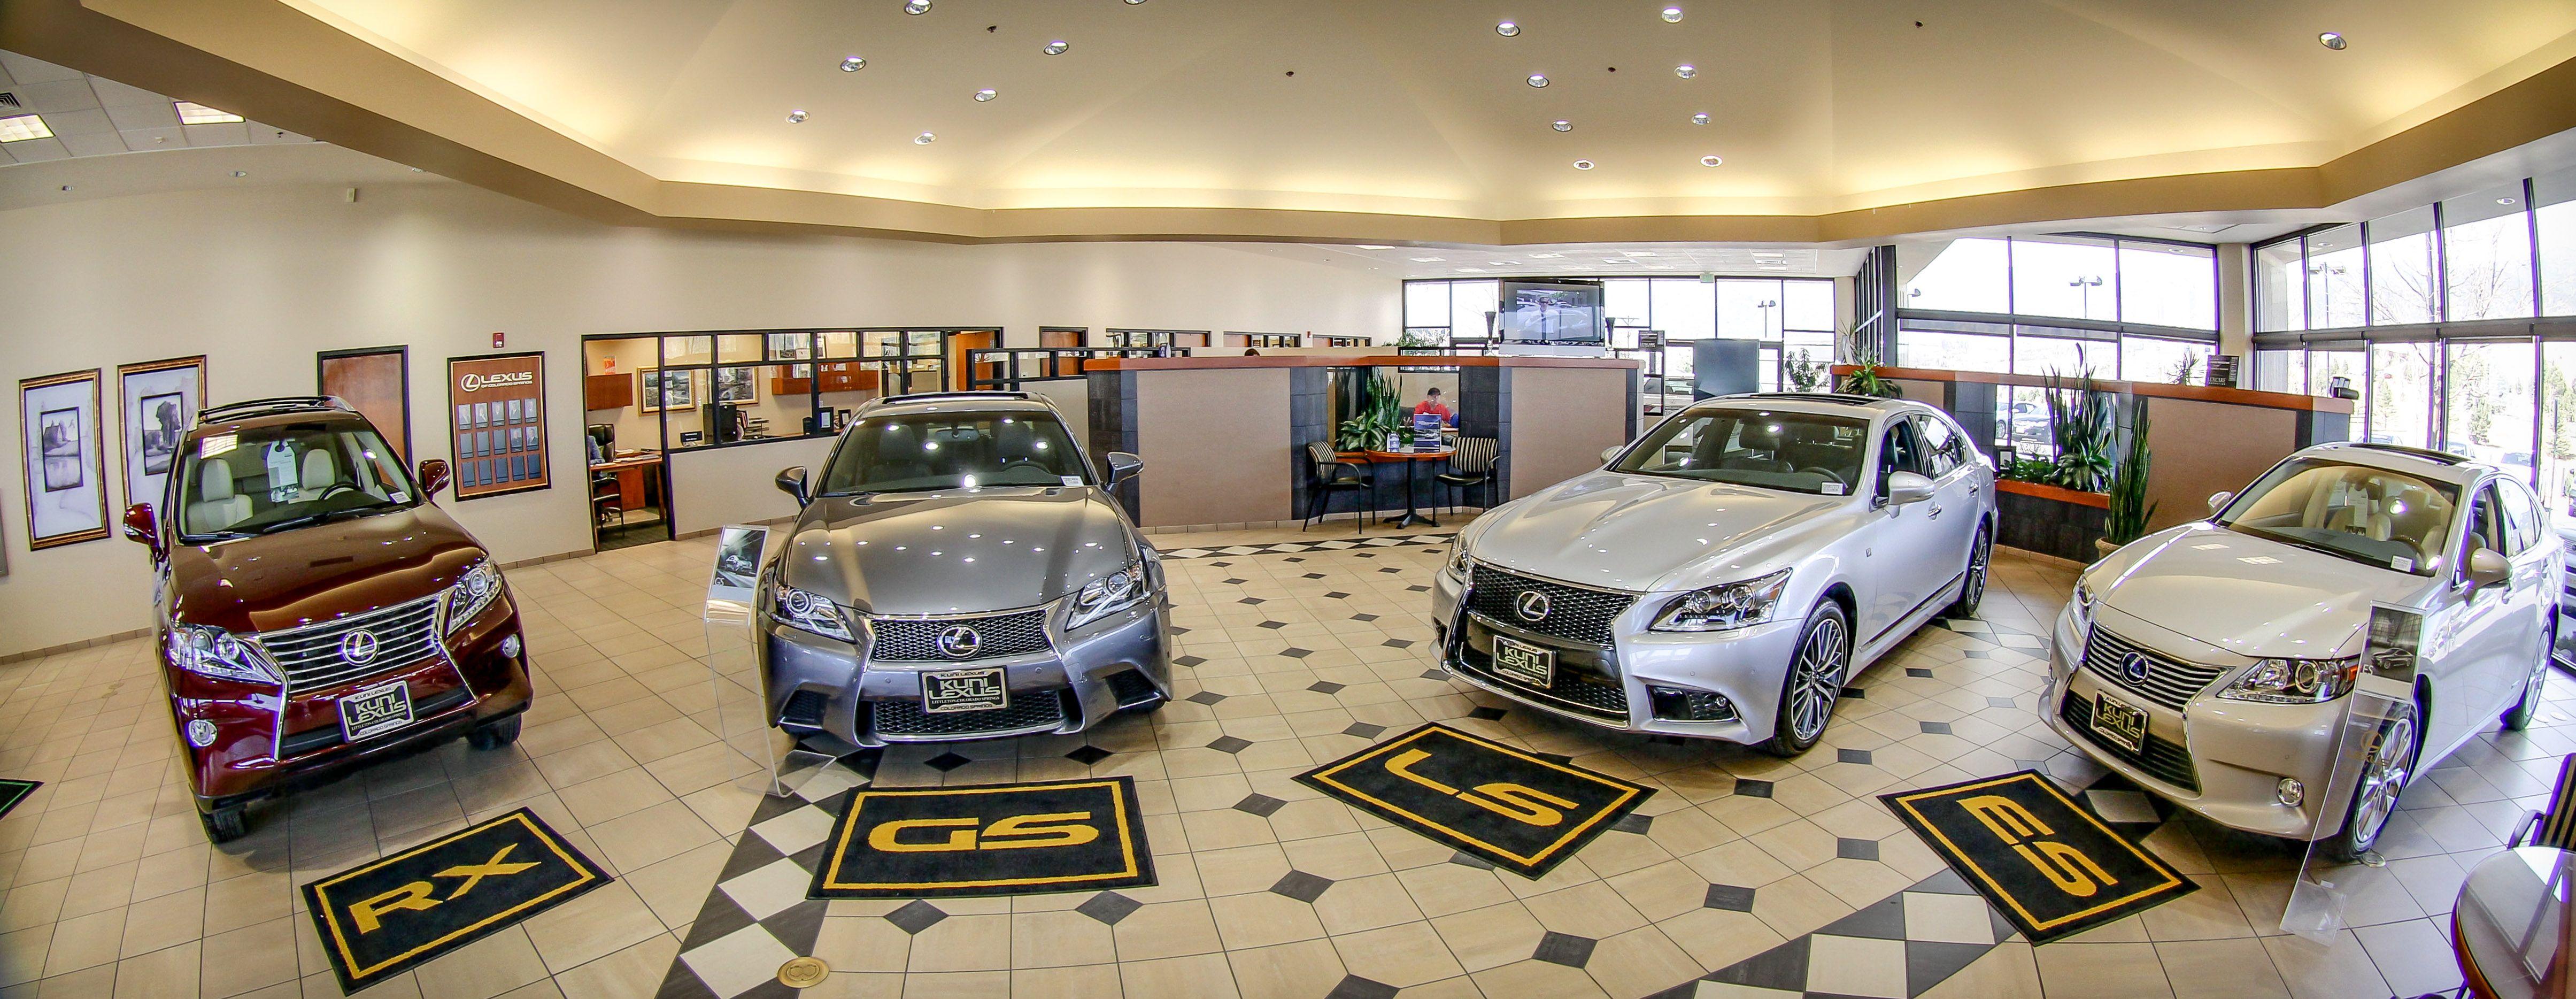 Kuni Lexus Of Colorado Springs Dealership Showroom. New Lexus Eye Candy!